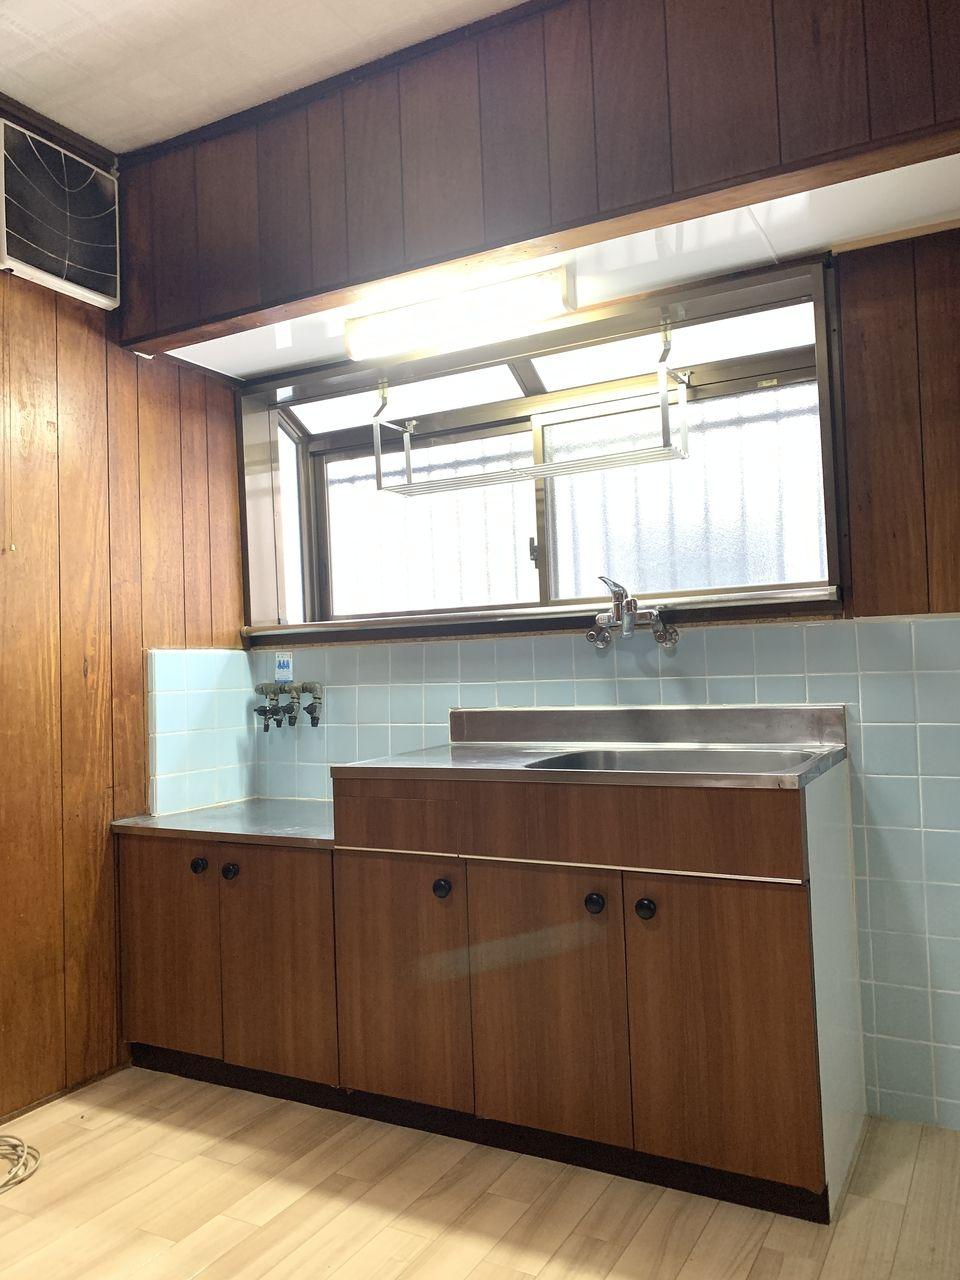 安立2丁目一戸建てのキッチン